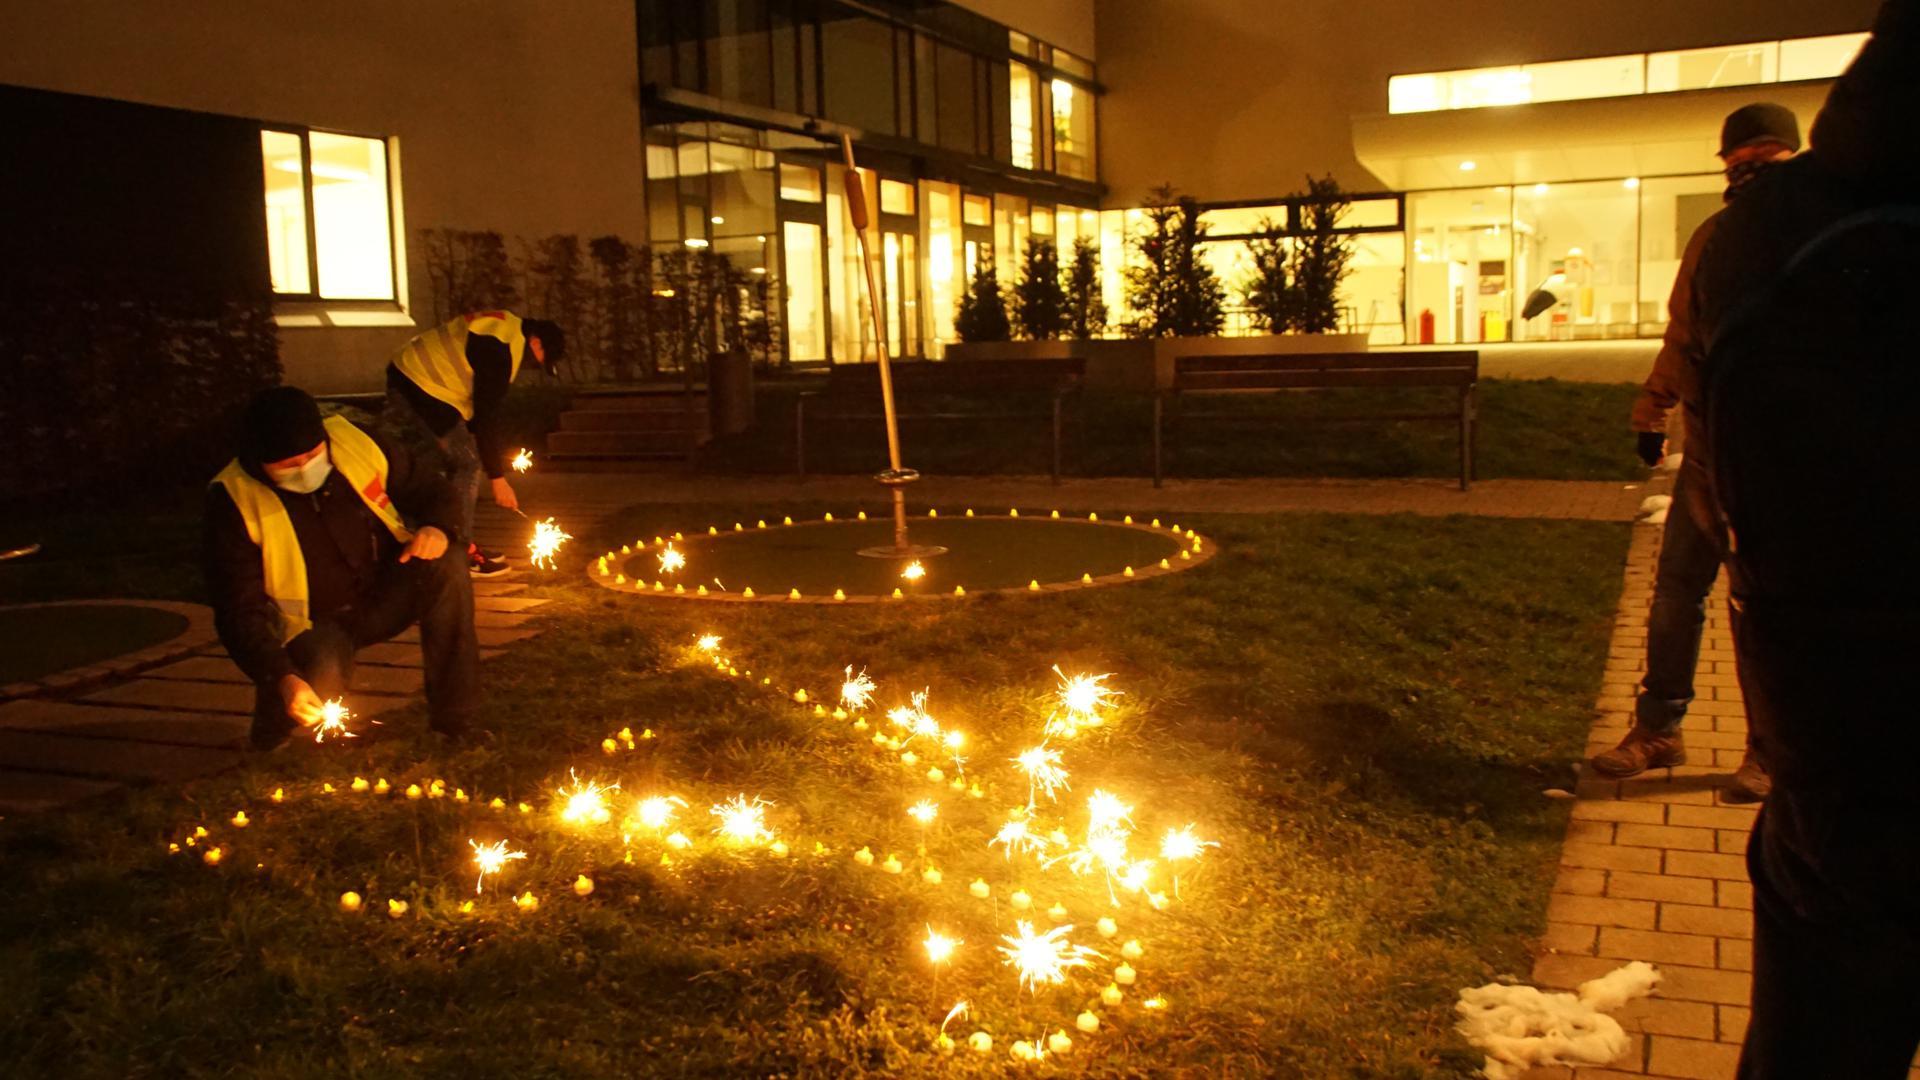 Sternregen und LED-Kerzen stecken in einer Wiese.